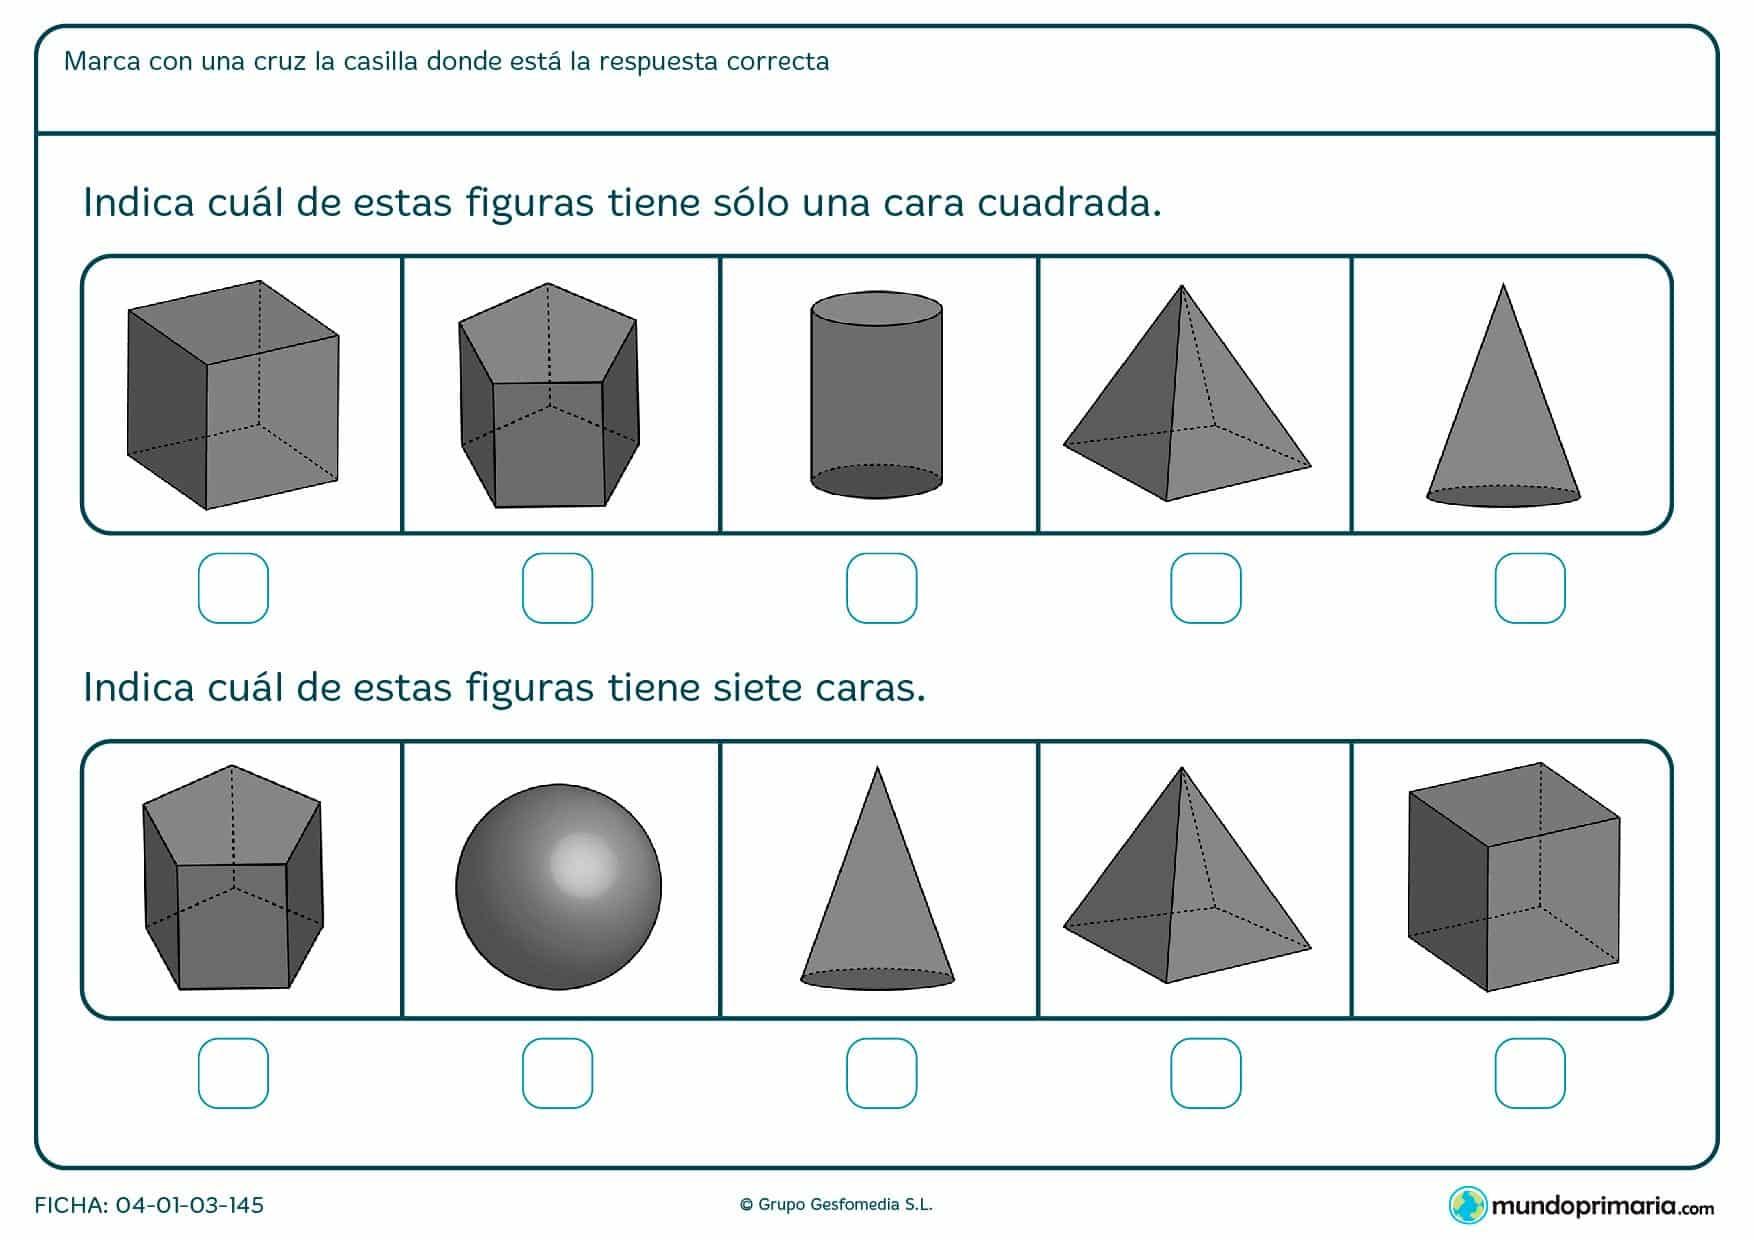 Ficha de caras de figuras geométricas para marccar según su número de caras o de alguna particularidad de estas.